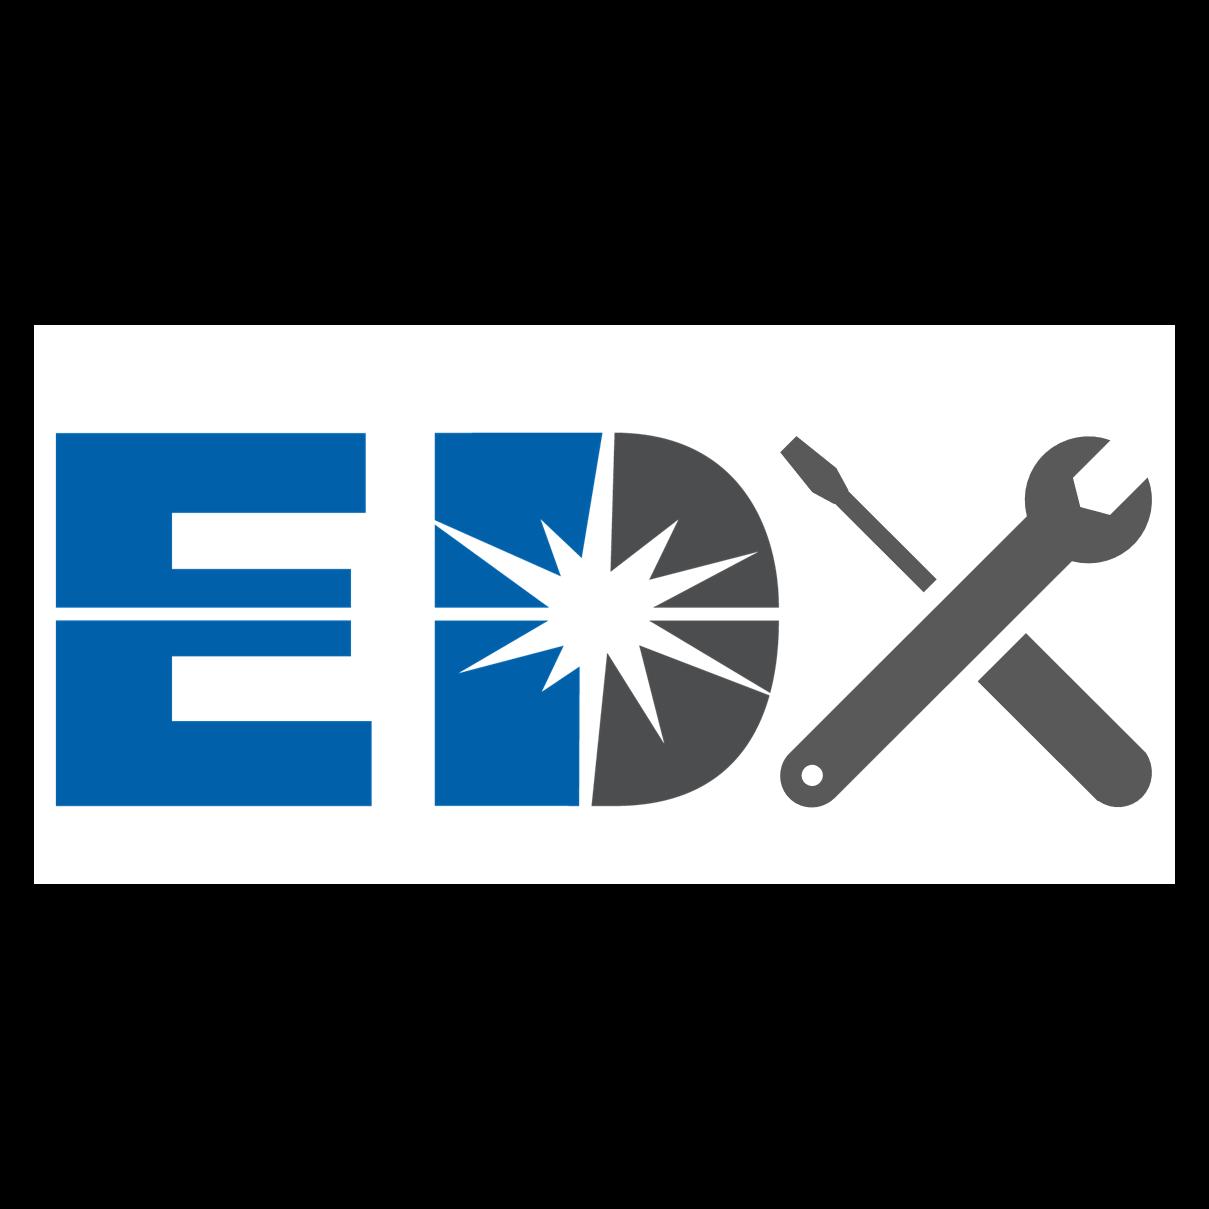 edx-tools